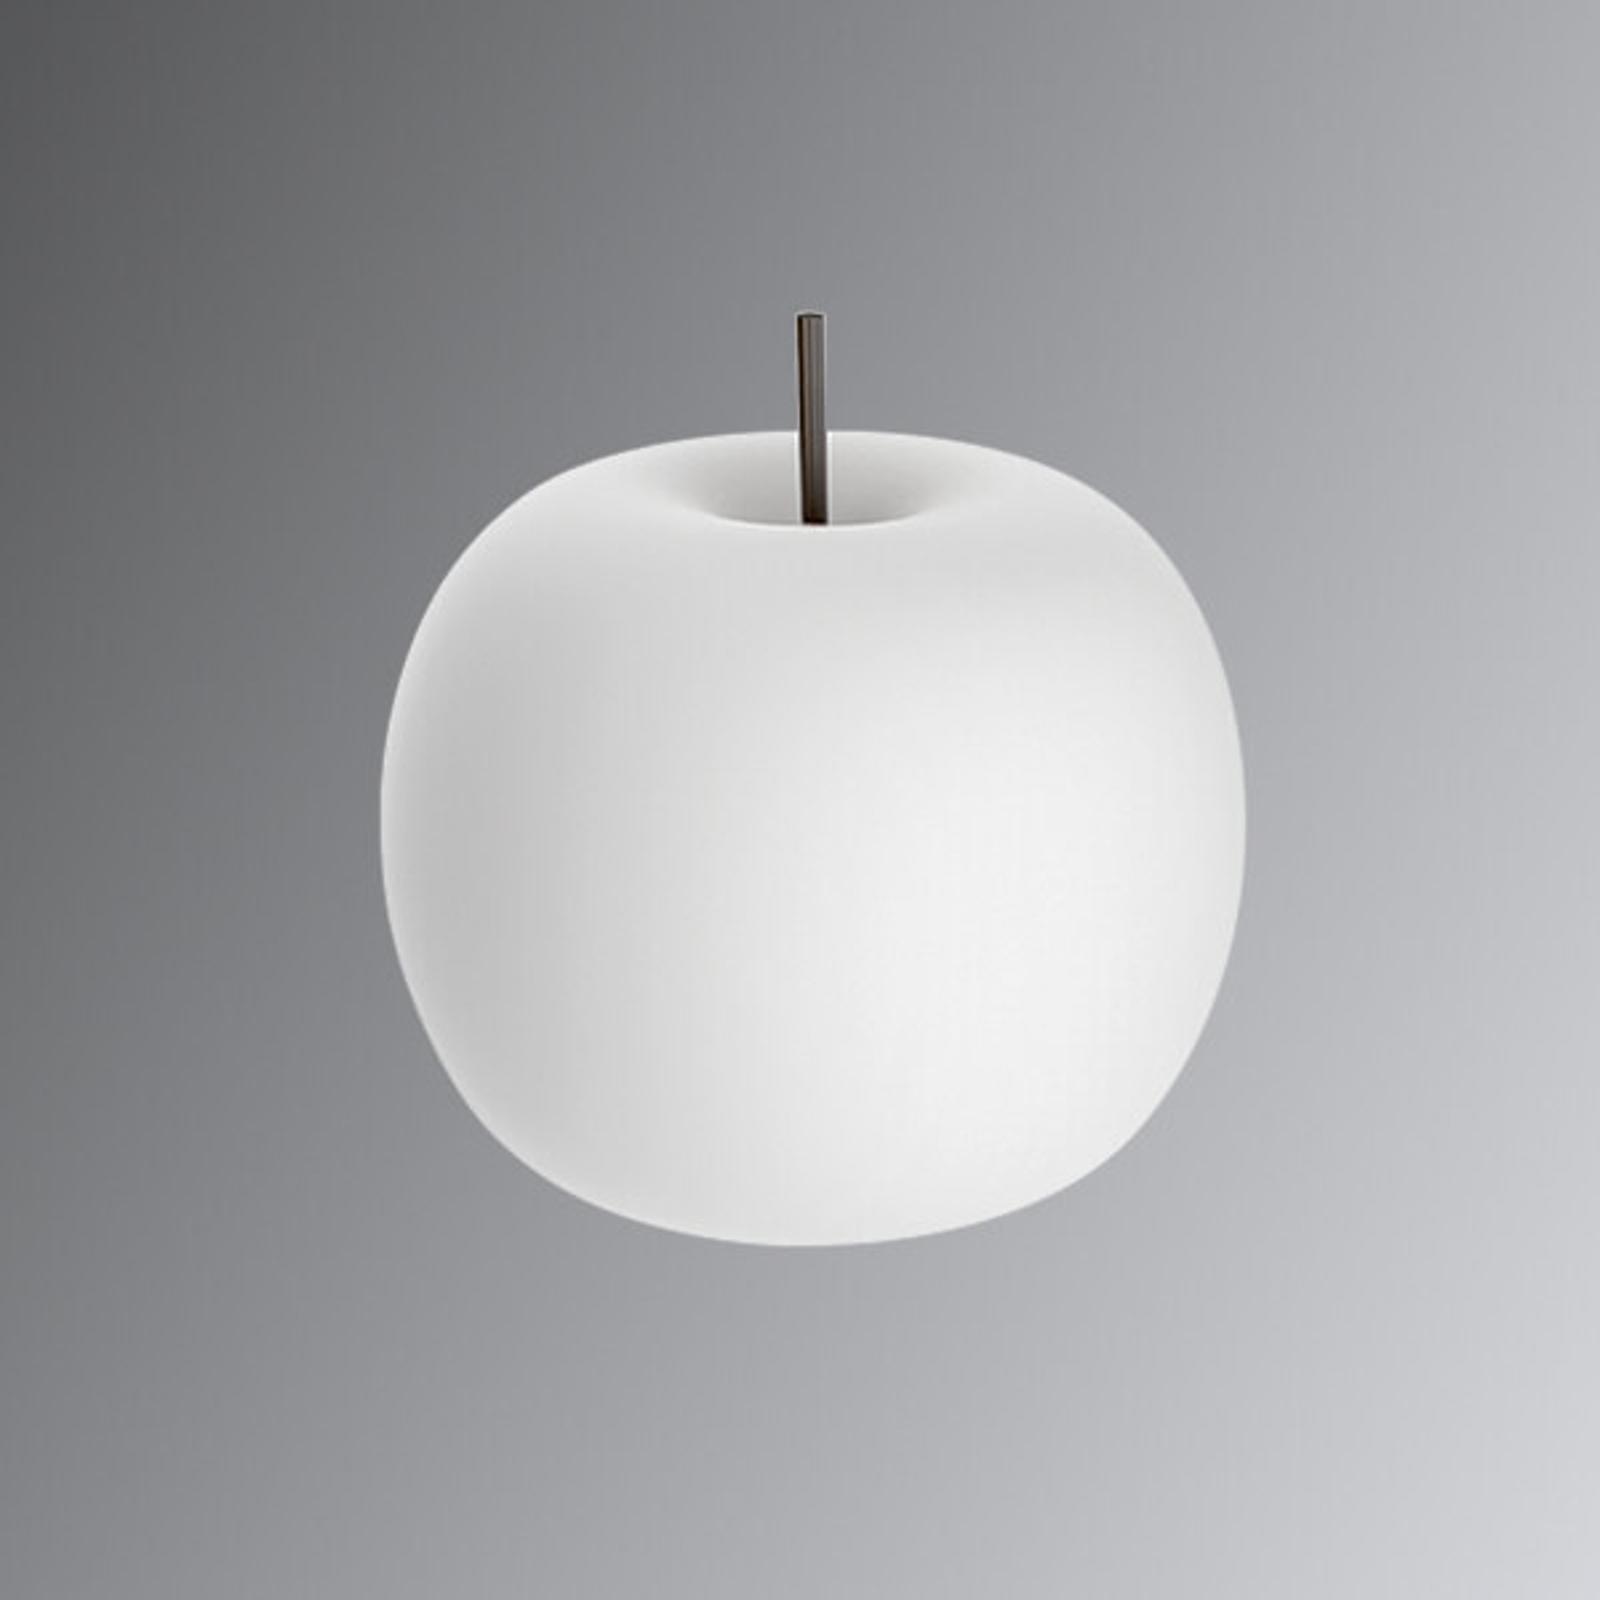 Kundalini Kushi - LED tafellamp zwart 33cm